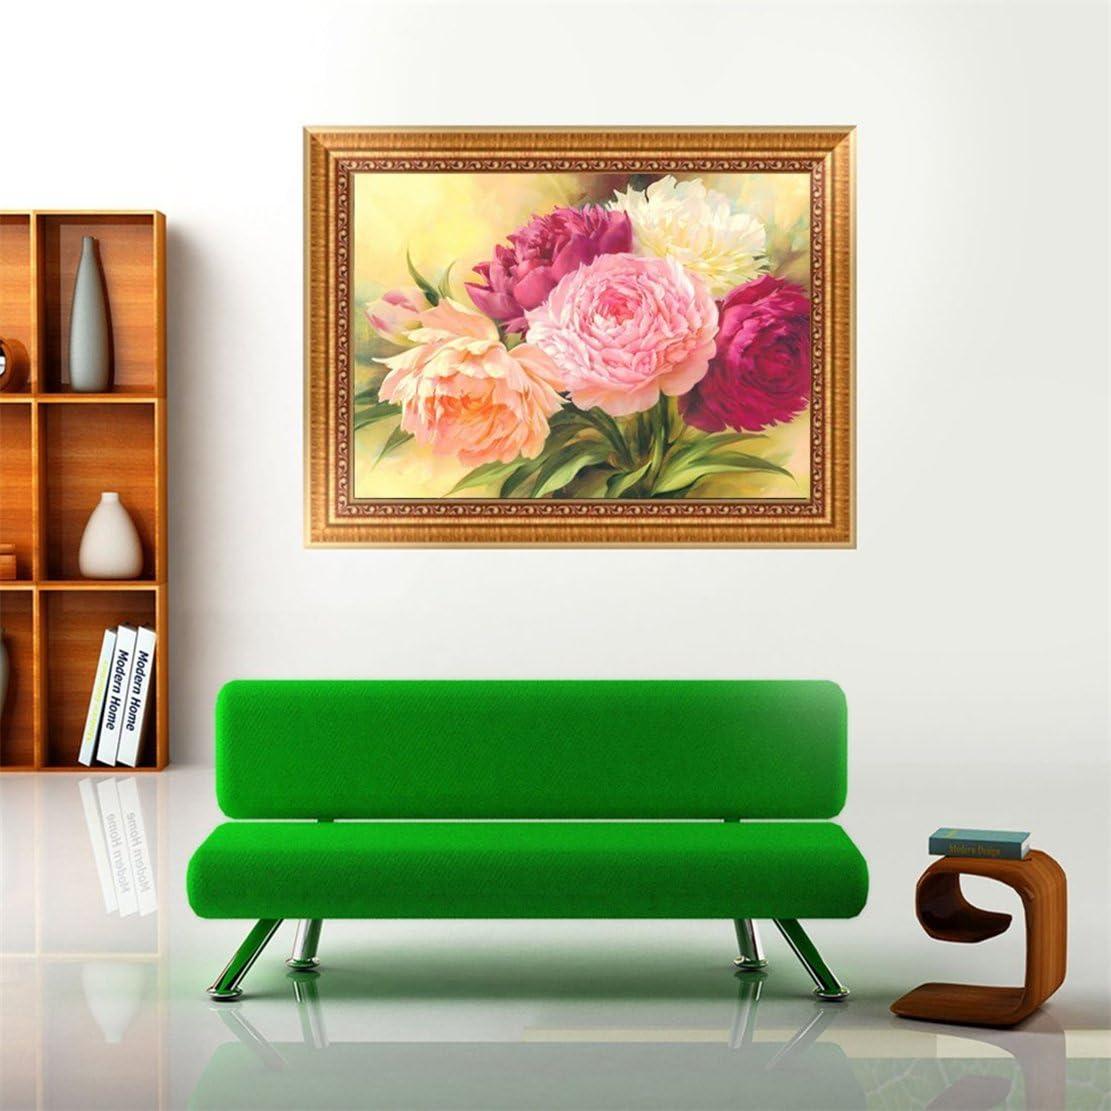 Fleur de Pivoine, 30 * 40CM AUPUMI Peinture en Diamant 5D DIY Broderie de Diamants Point Croix D/écoration Maison Salon Chambre Painting Strass Complet Kits 30 * 40CM